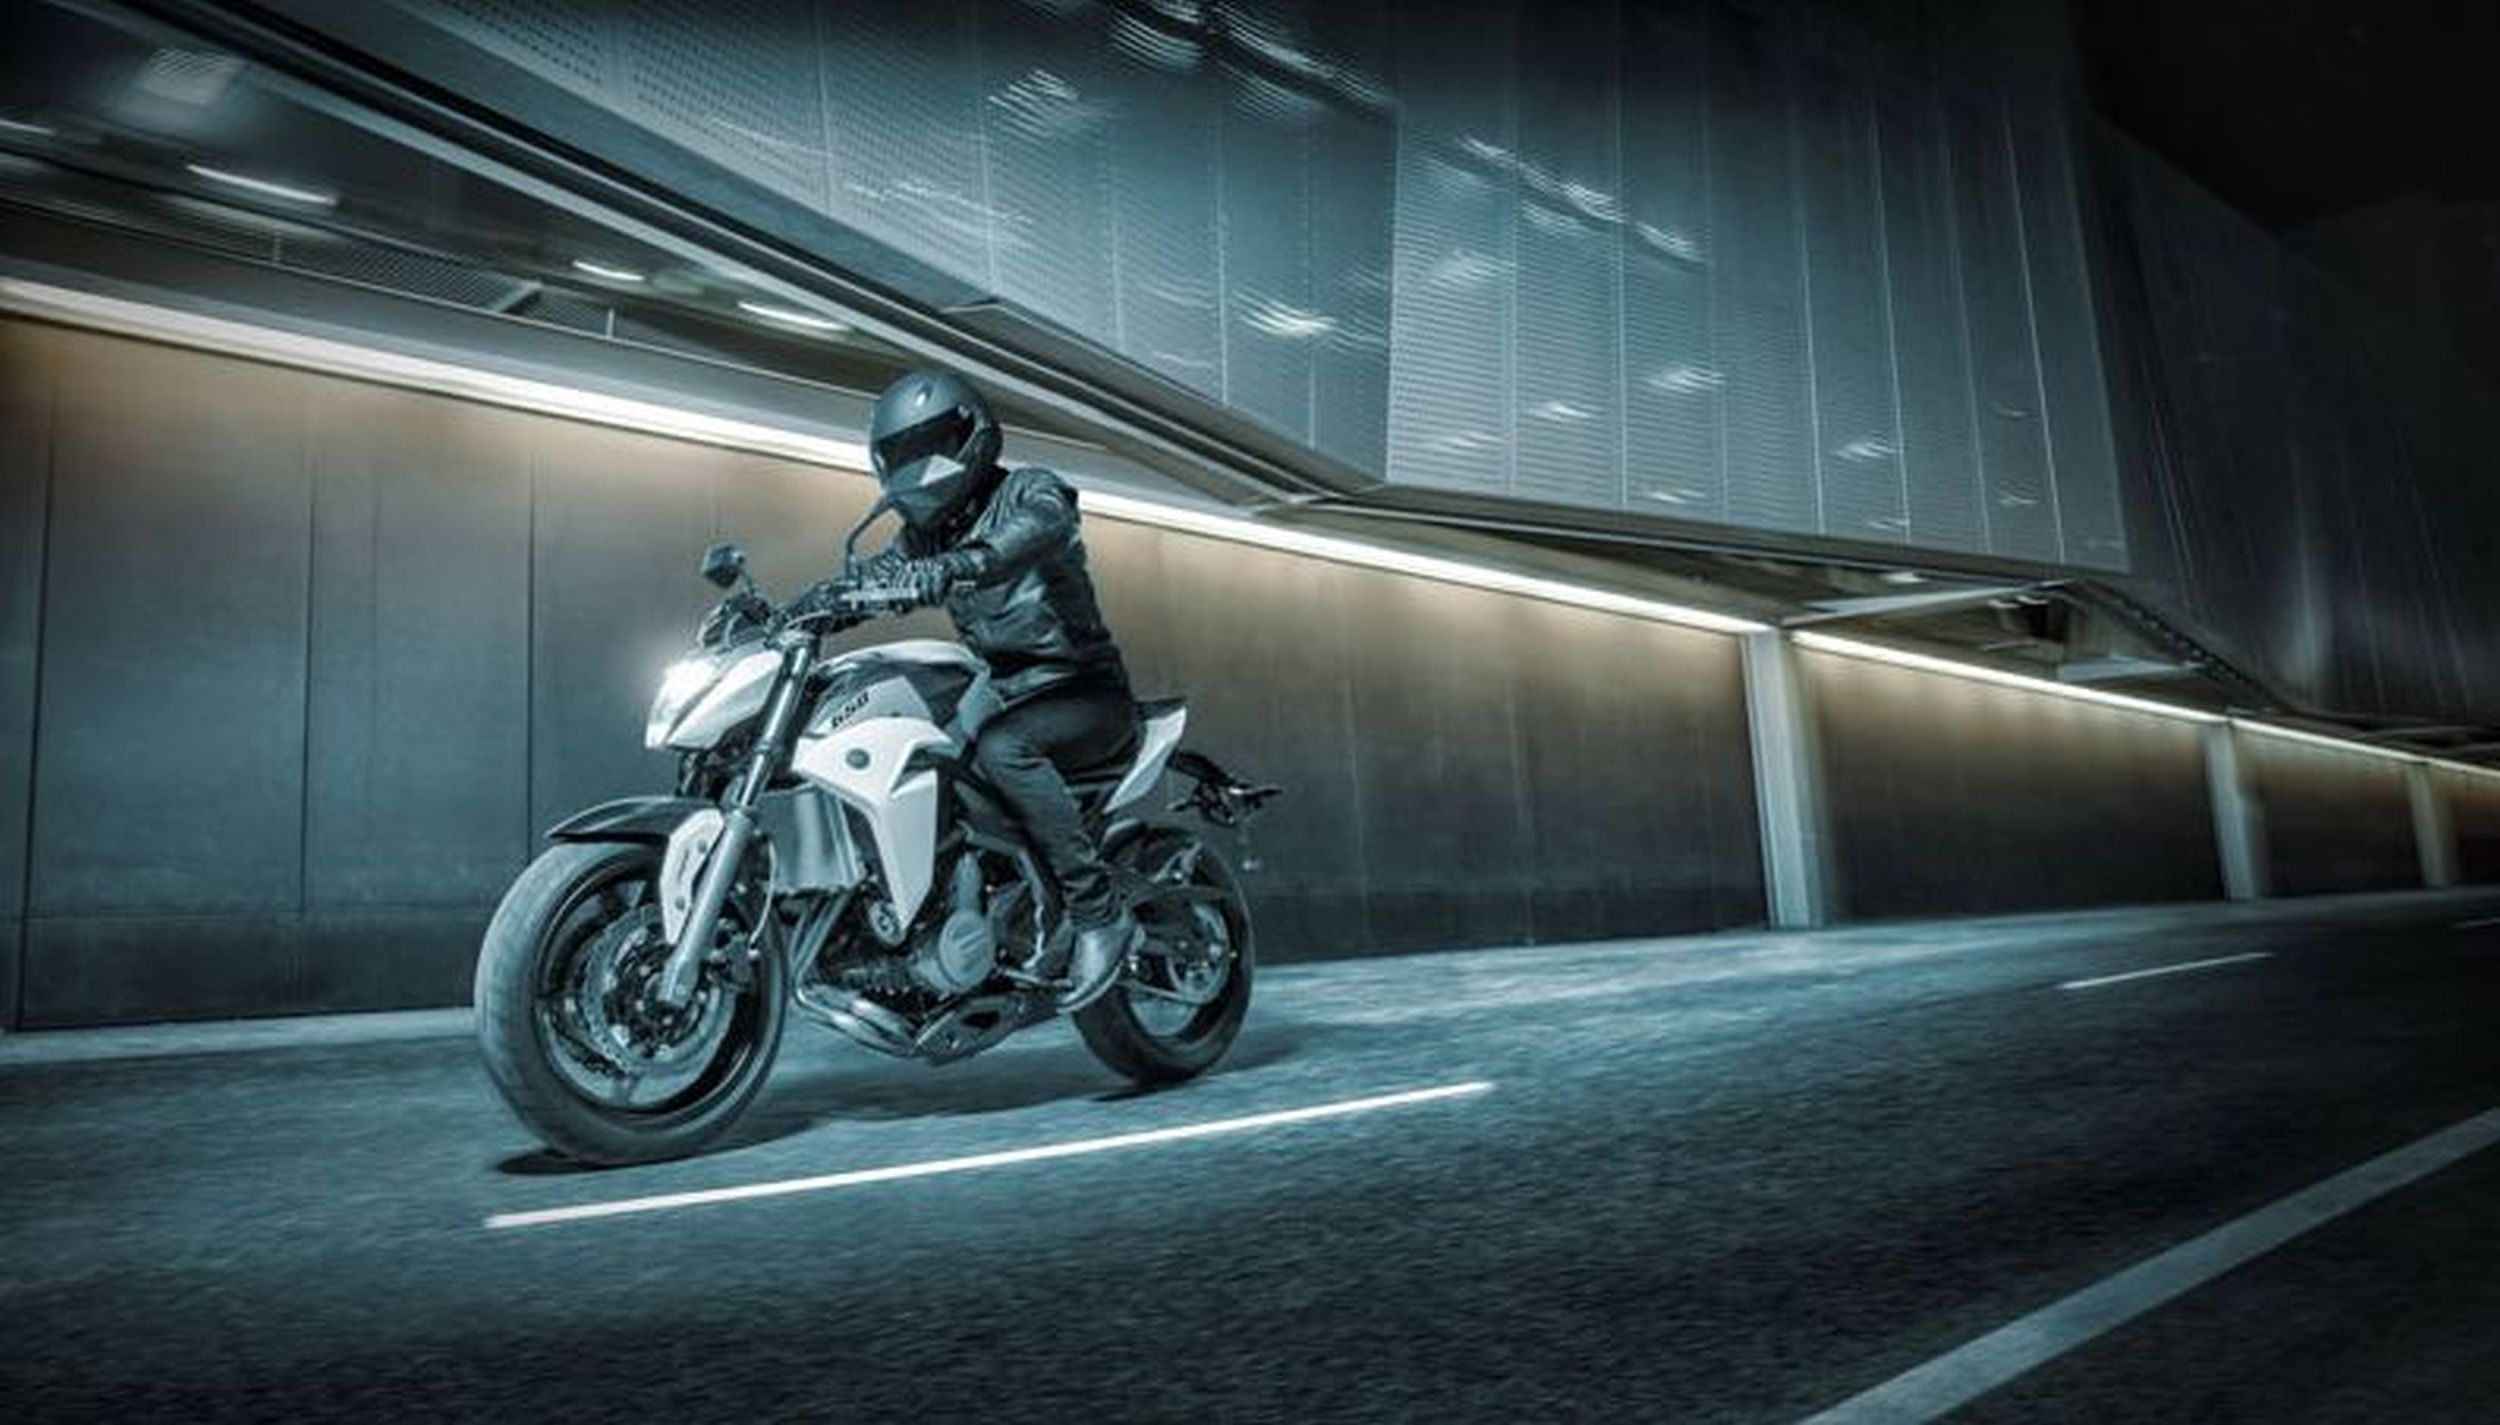 Gebrauchte CF-Moto 400 NK Motorräder kaufen